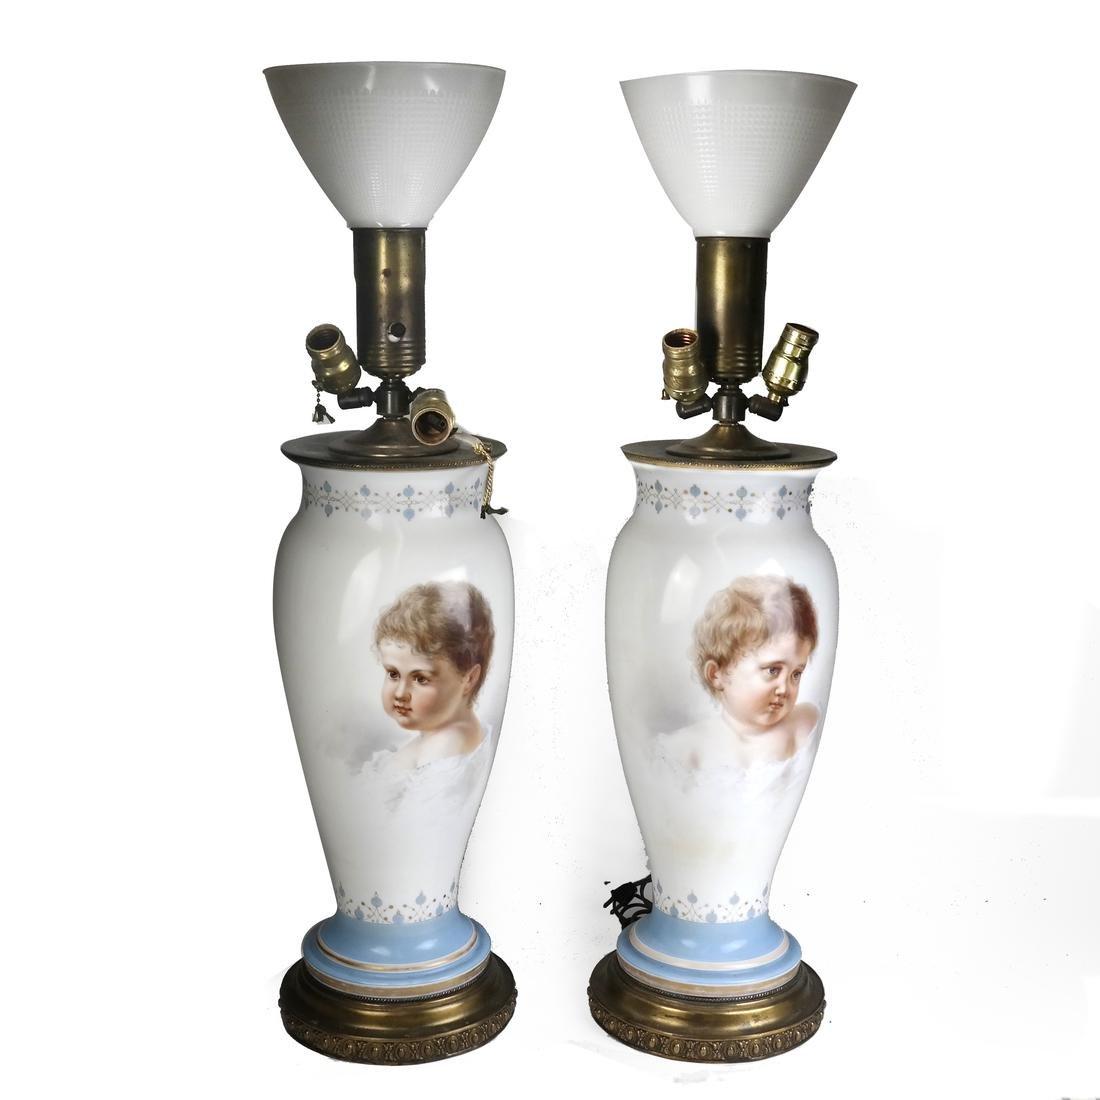 Pair of Opaline Glass Portrait Lamps